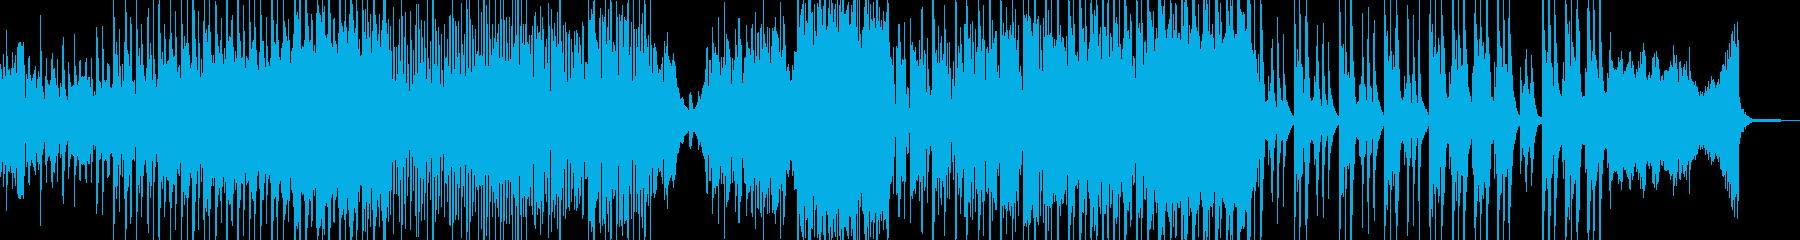 ホラー・怪談シーンに適したBGM 短尺の再生済みの波形